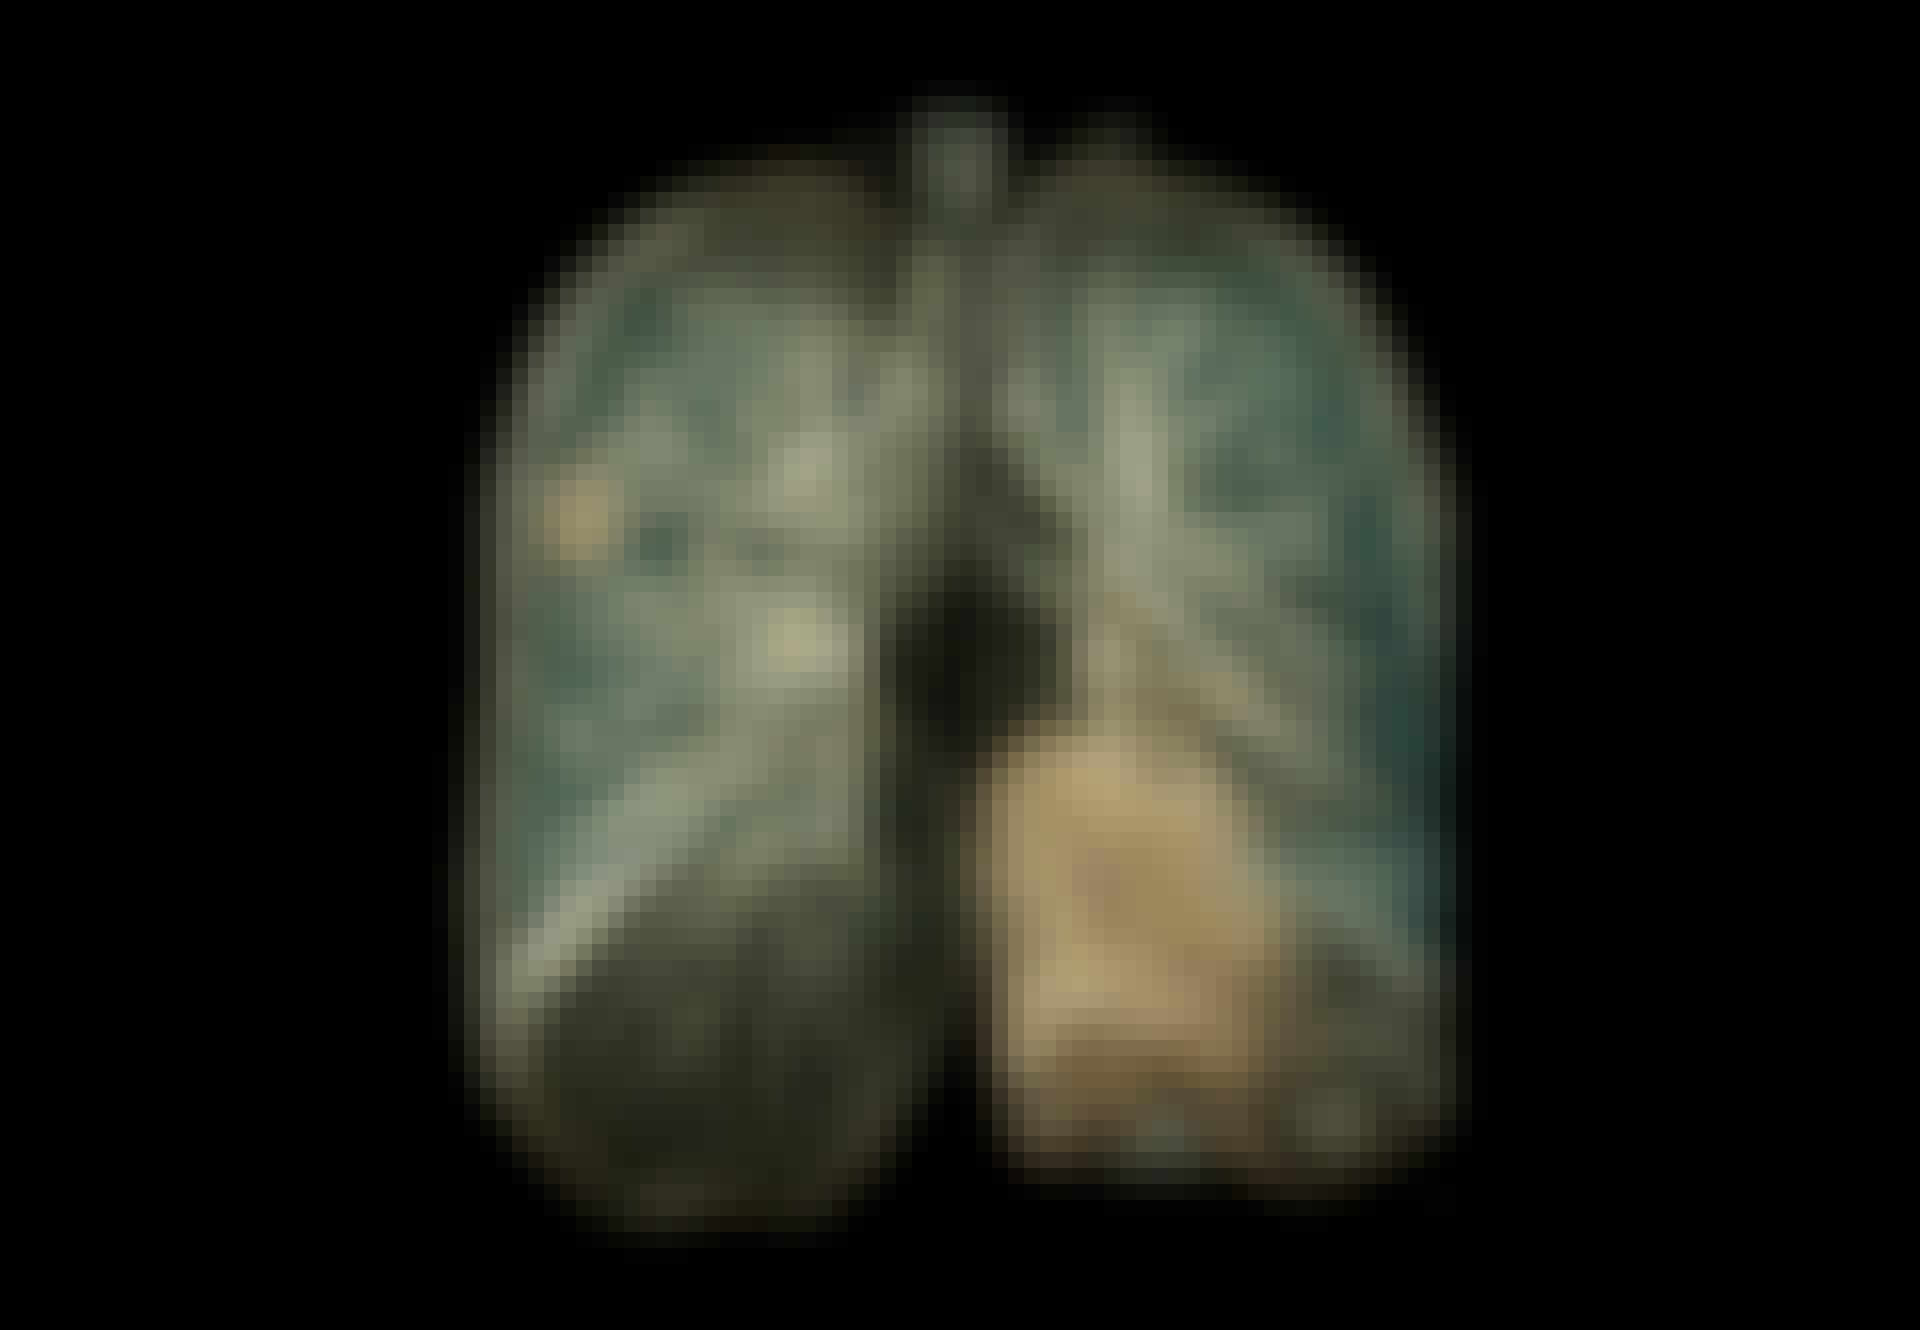 Senfølger - Scanning af lunger med Covid-19